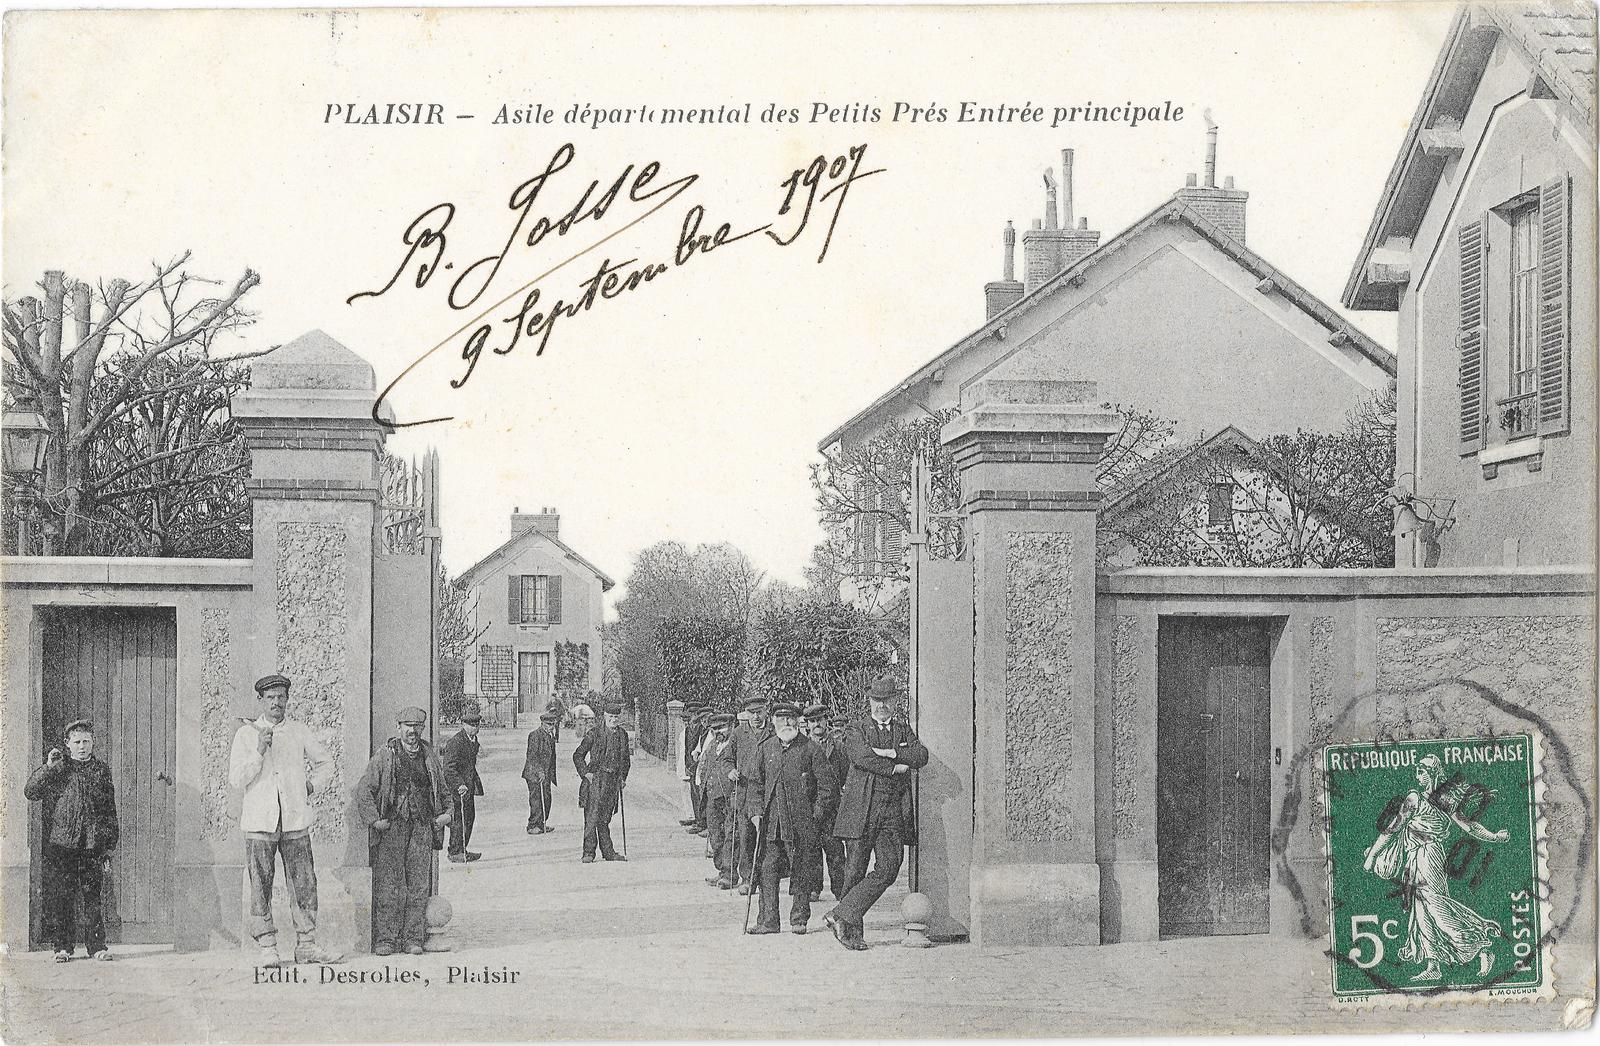 Plaisir -  Plaisir (78) - Asile départemental des Petits Près - Entrée principale - Affranchie en 1907